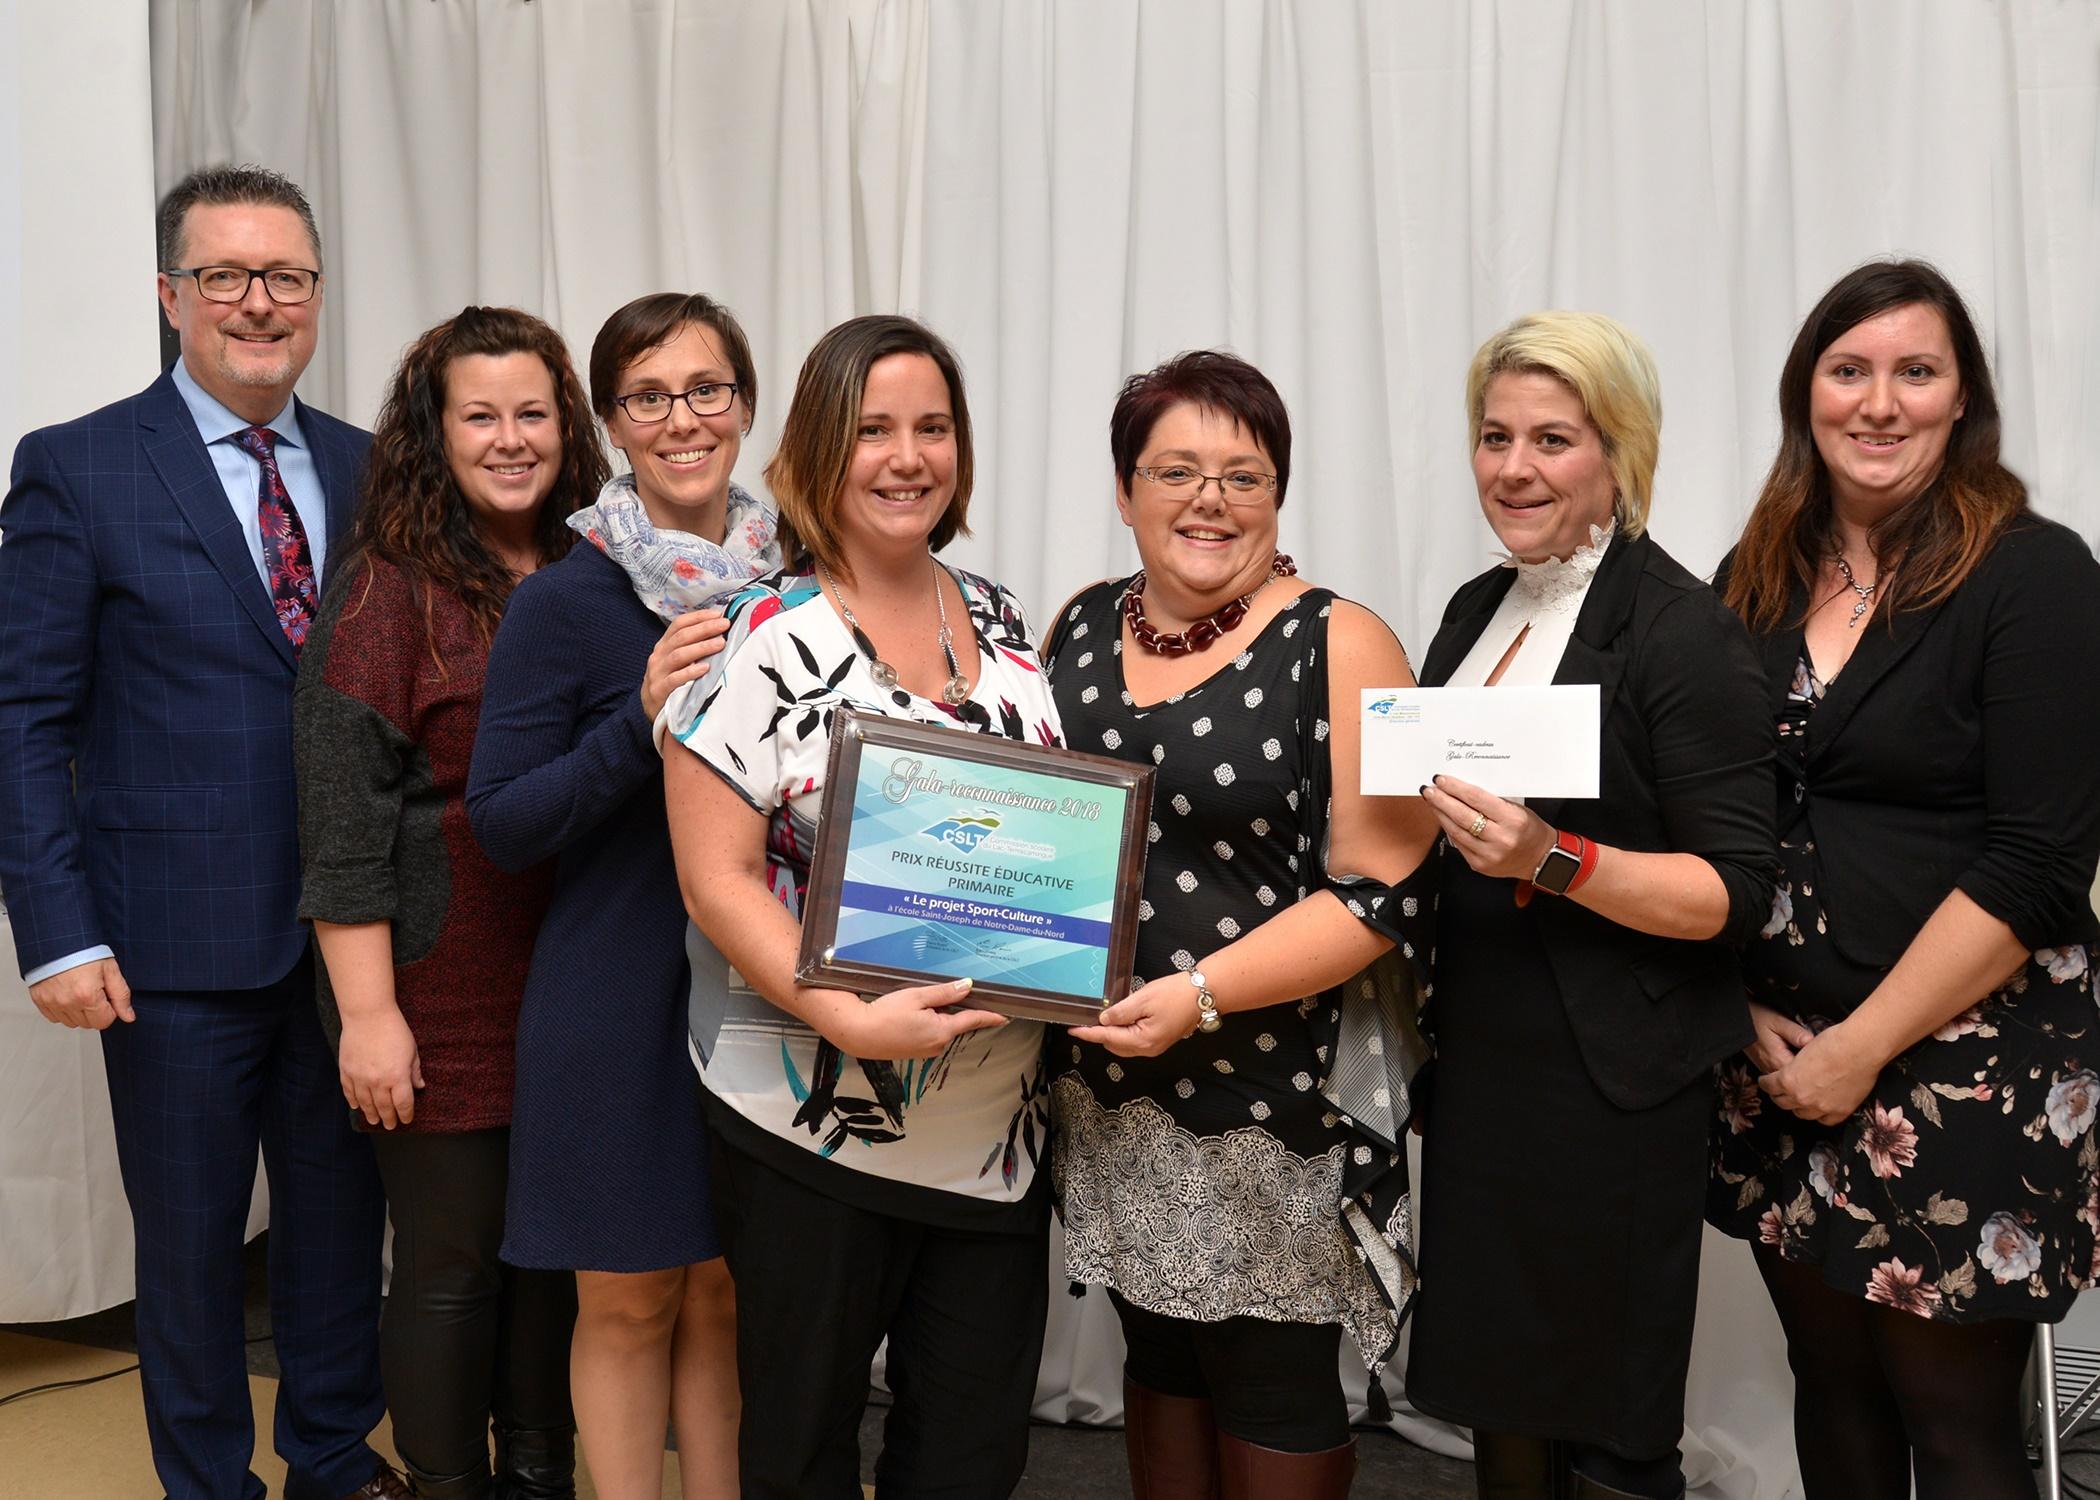 Photo de groupe - Prix réussite éducative primaire - École Saint-Joseph de Notre-Dame-du-Nord